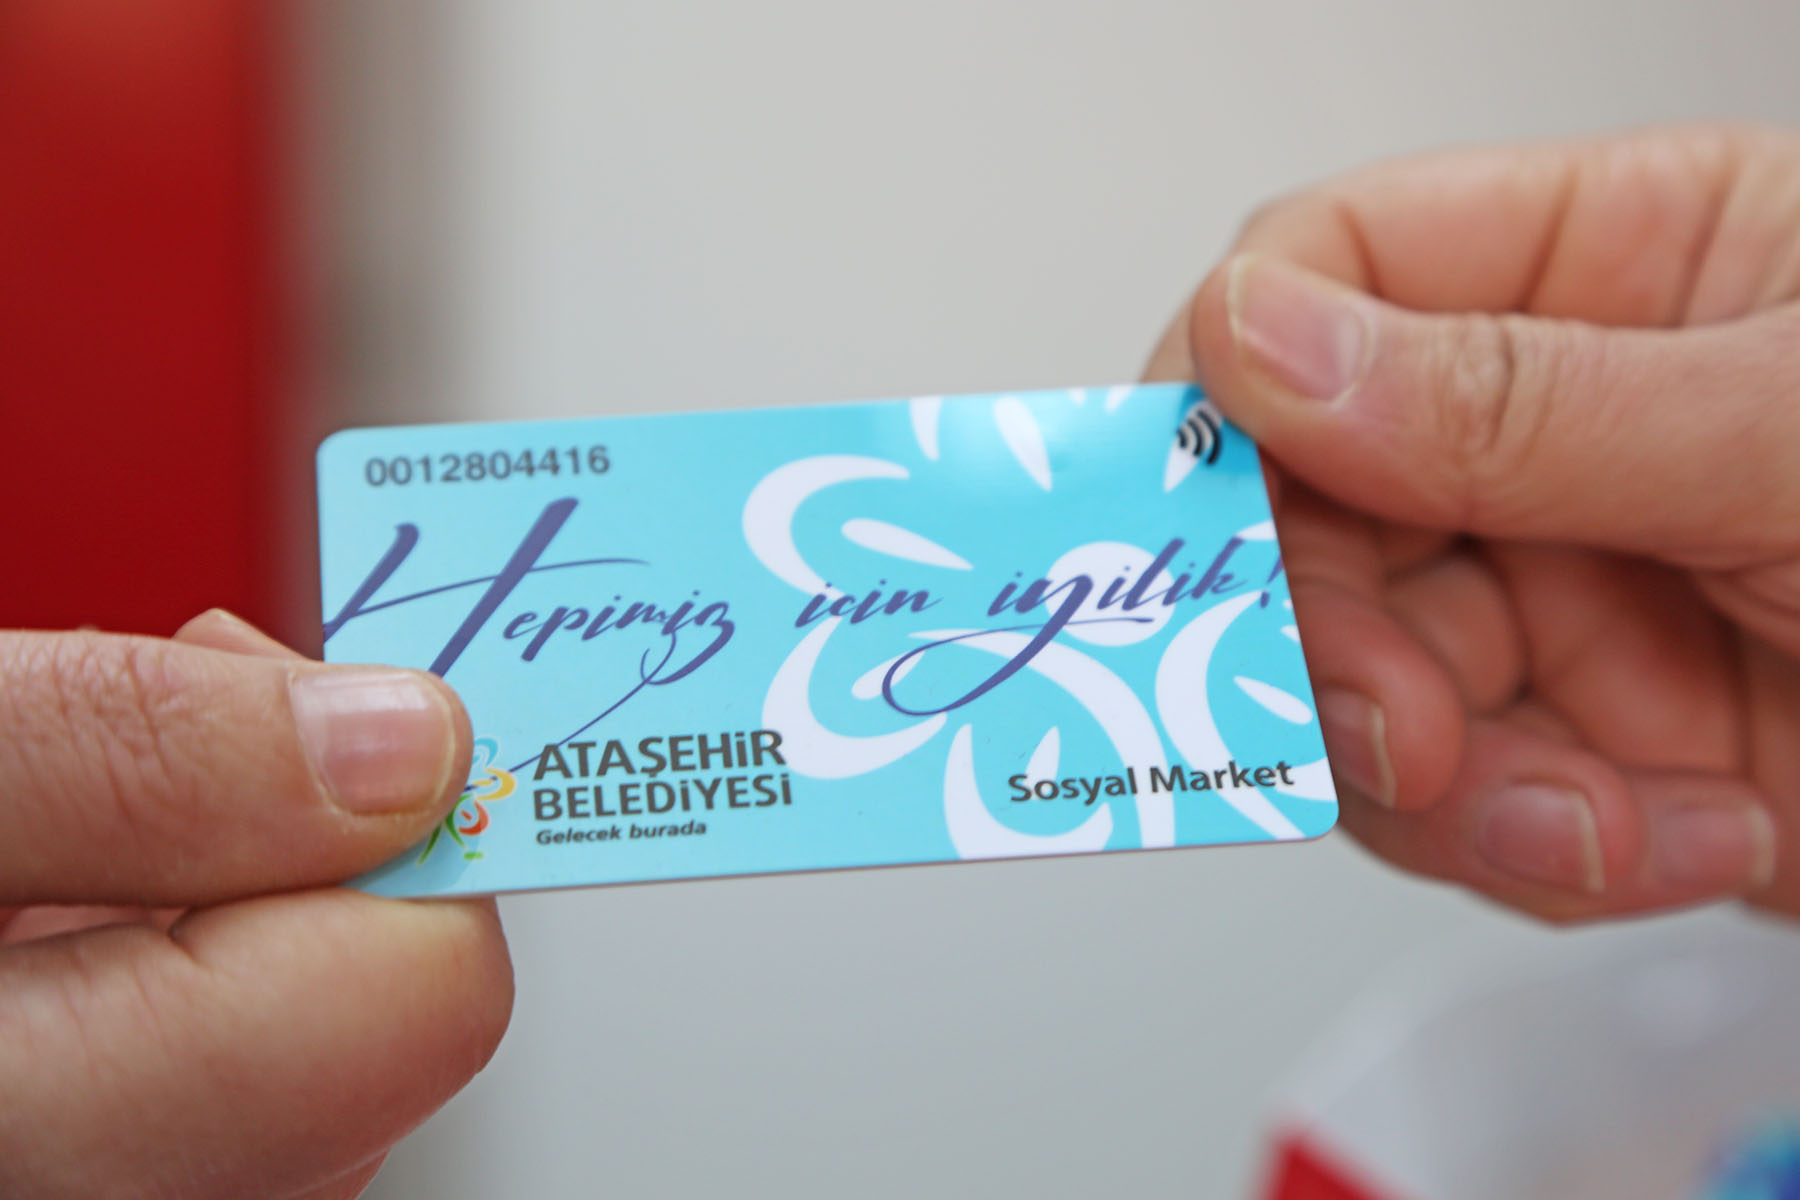 Ataşehir Belediyesi'nin Açtığı Sosyal Market, Yerel Yönetimler Ödülü'nü Aldı